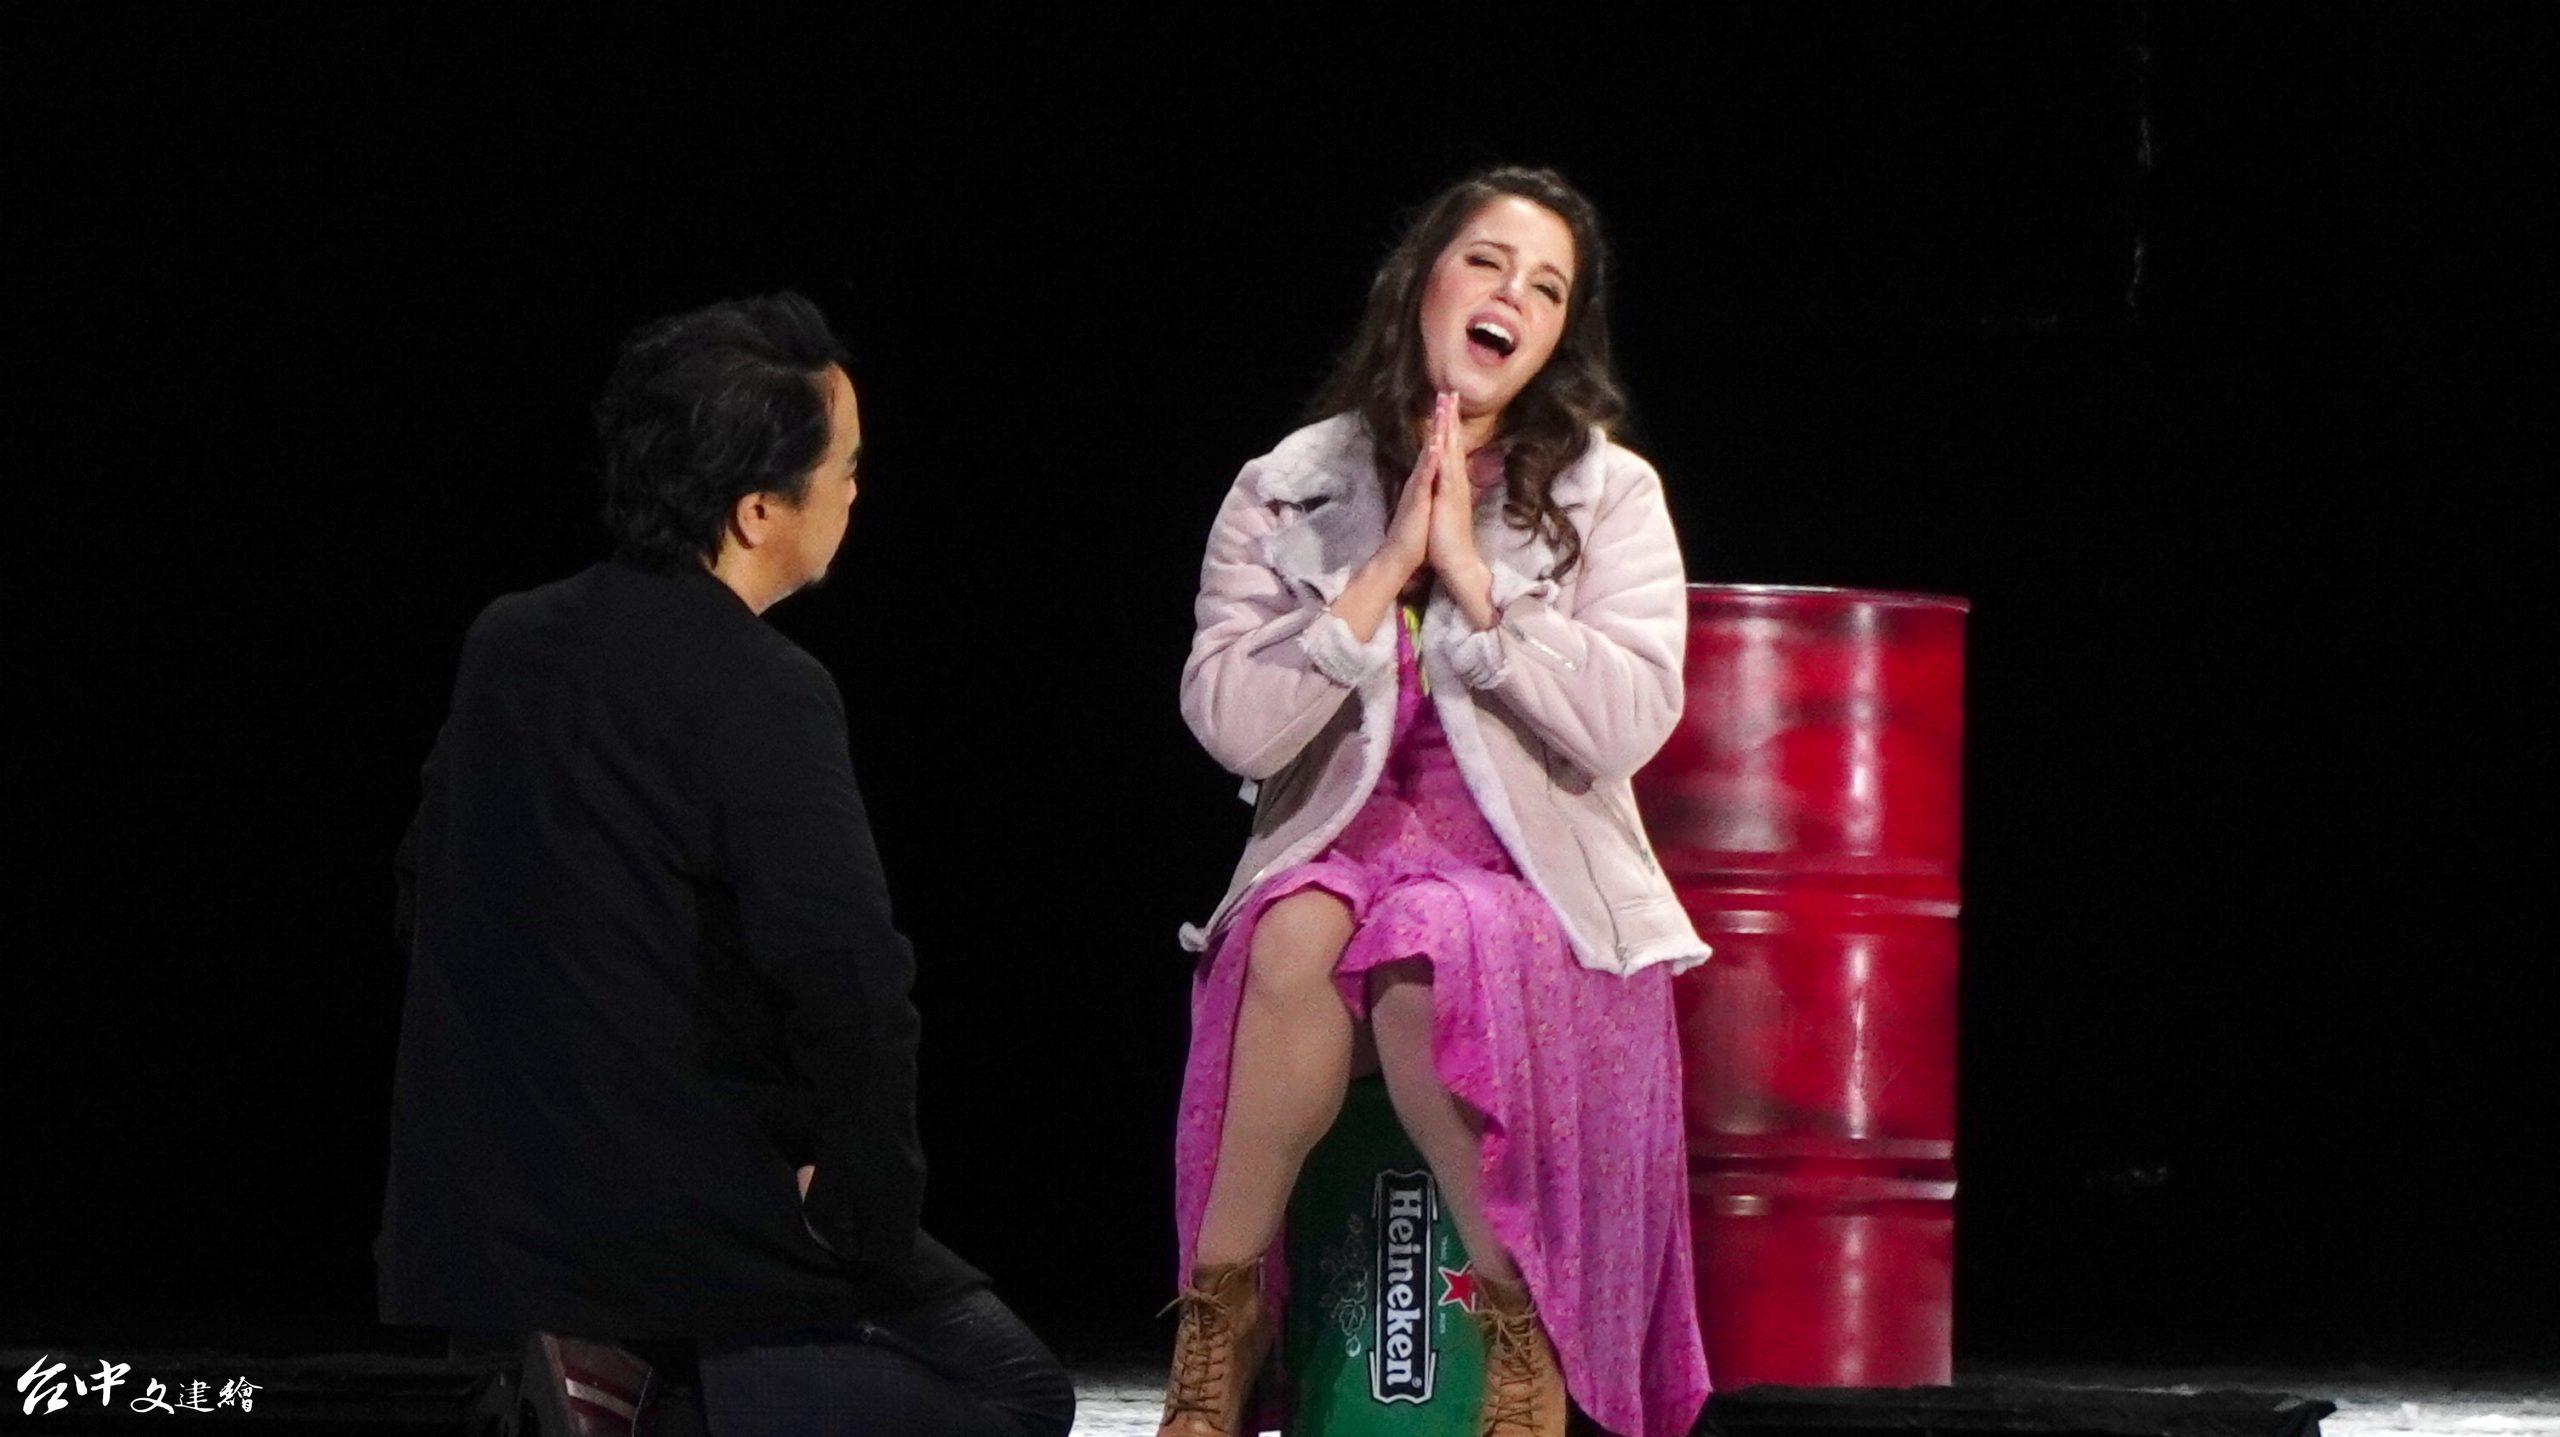 義大利女高音Jessica Nuccio飾演咪咪。(攝影:謝平平)